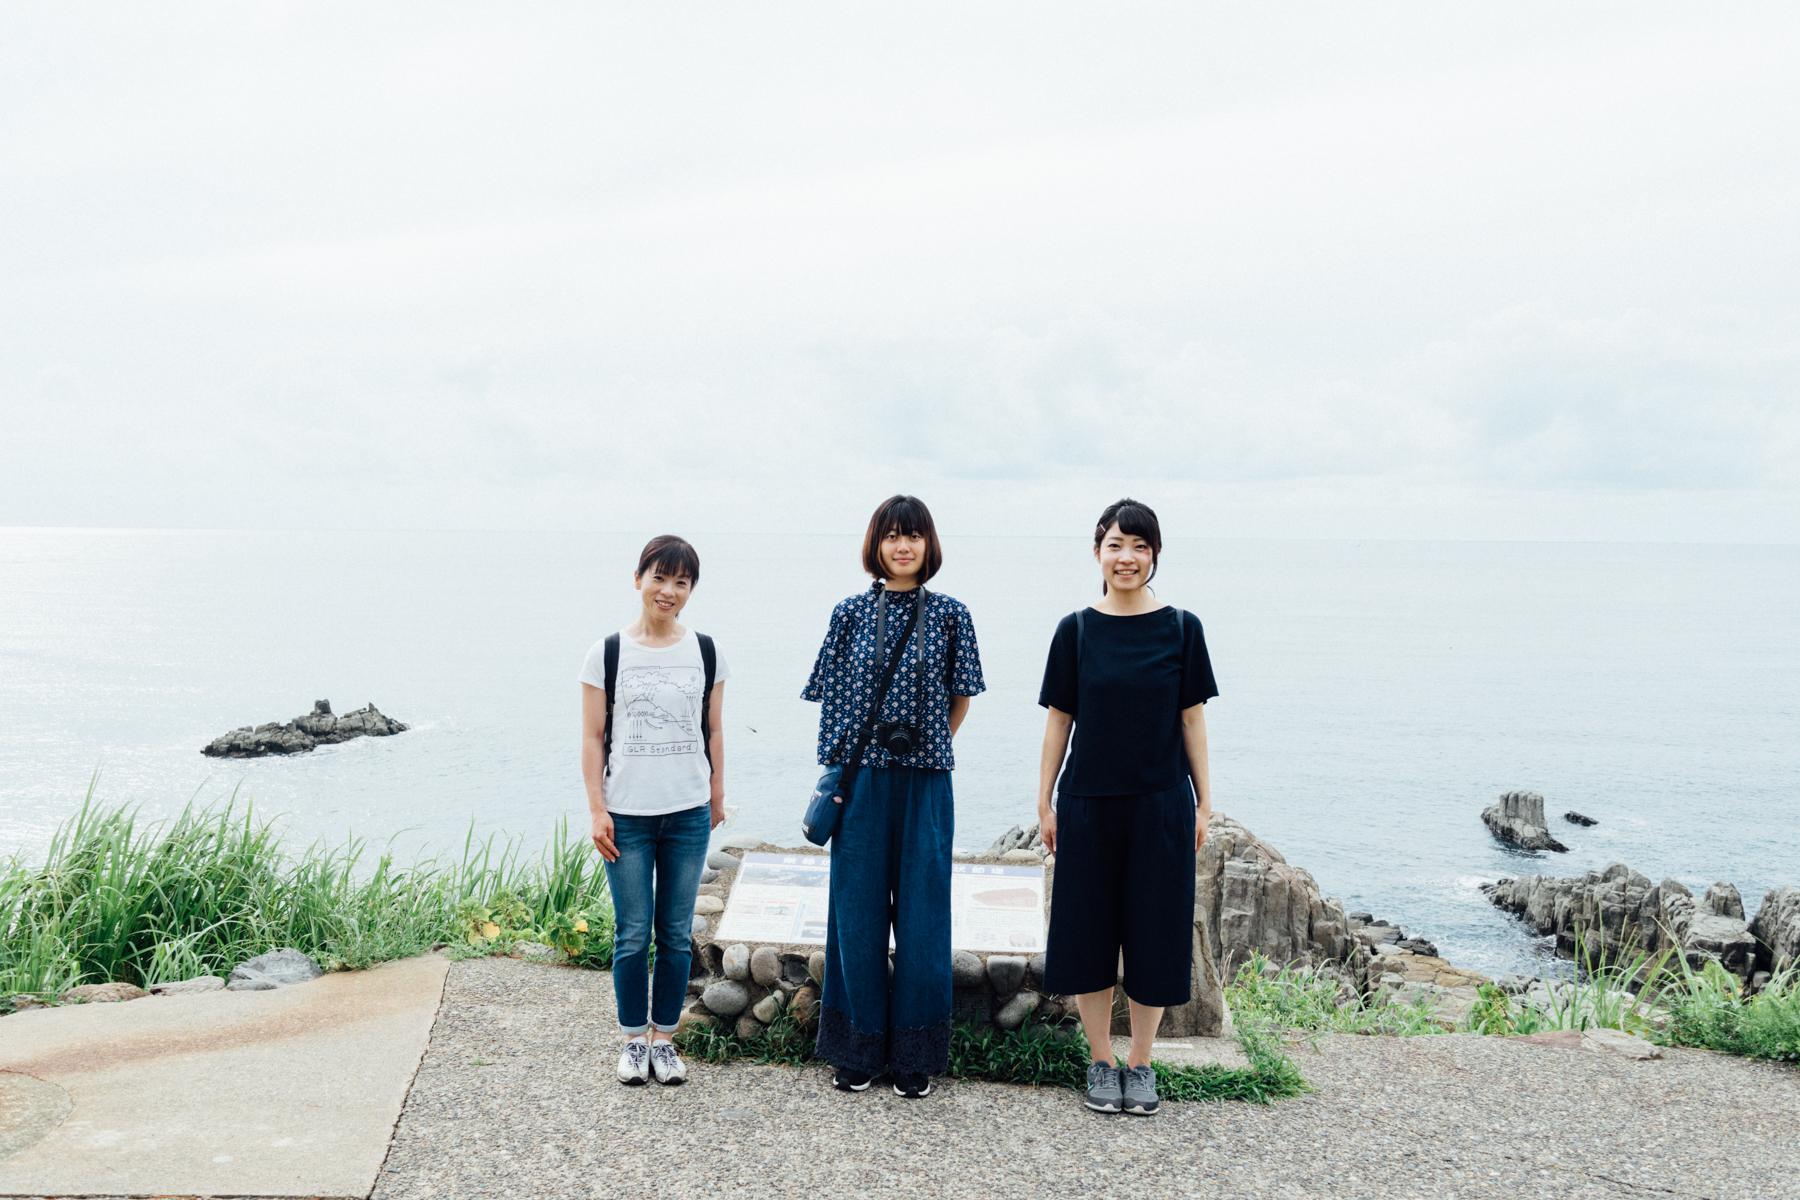 会社員の私が、インスタグラムで福井県・三国の魅力を発信する理由って? 祭りを発信する職員への応募から始まった、地域との関係づくり